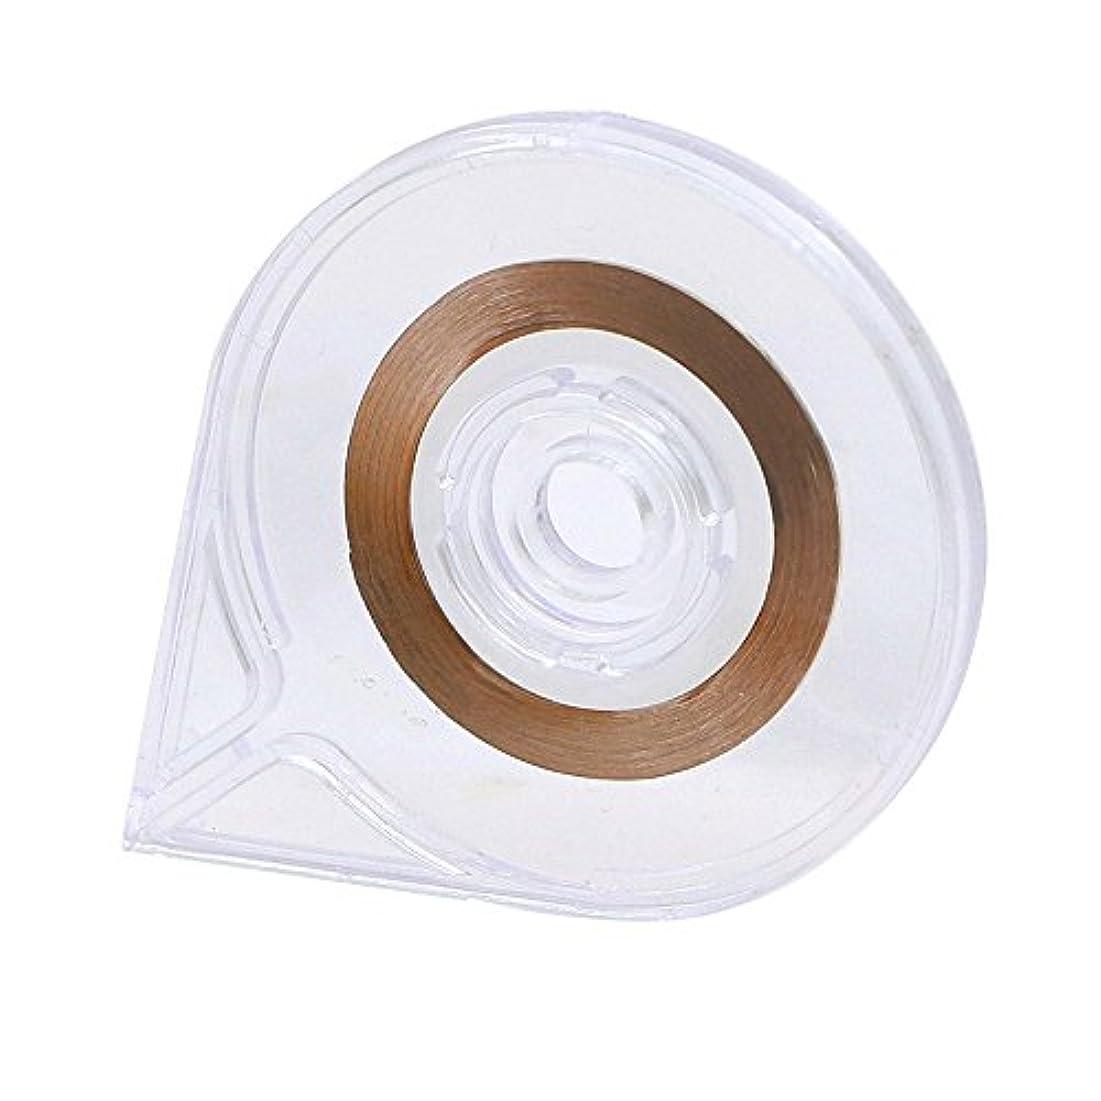 特徴海外背骨SODIAL(R) ネイルアート ストライピングテープラインケースツールステッカーボックスホルダー 使いやすいデザイン